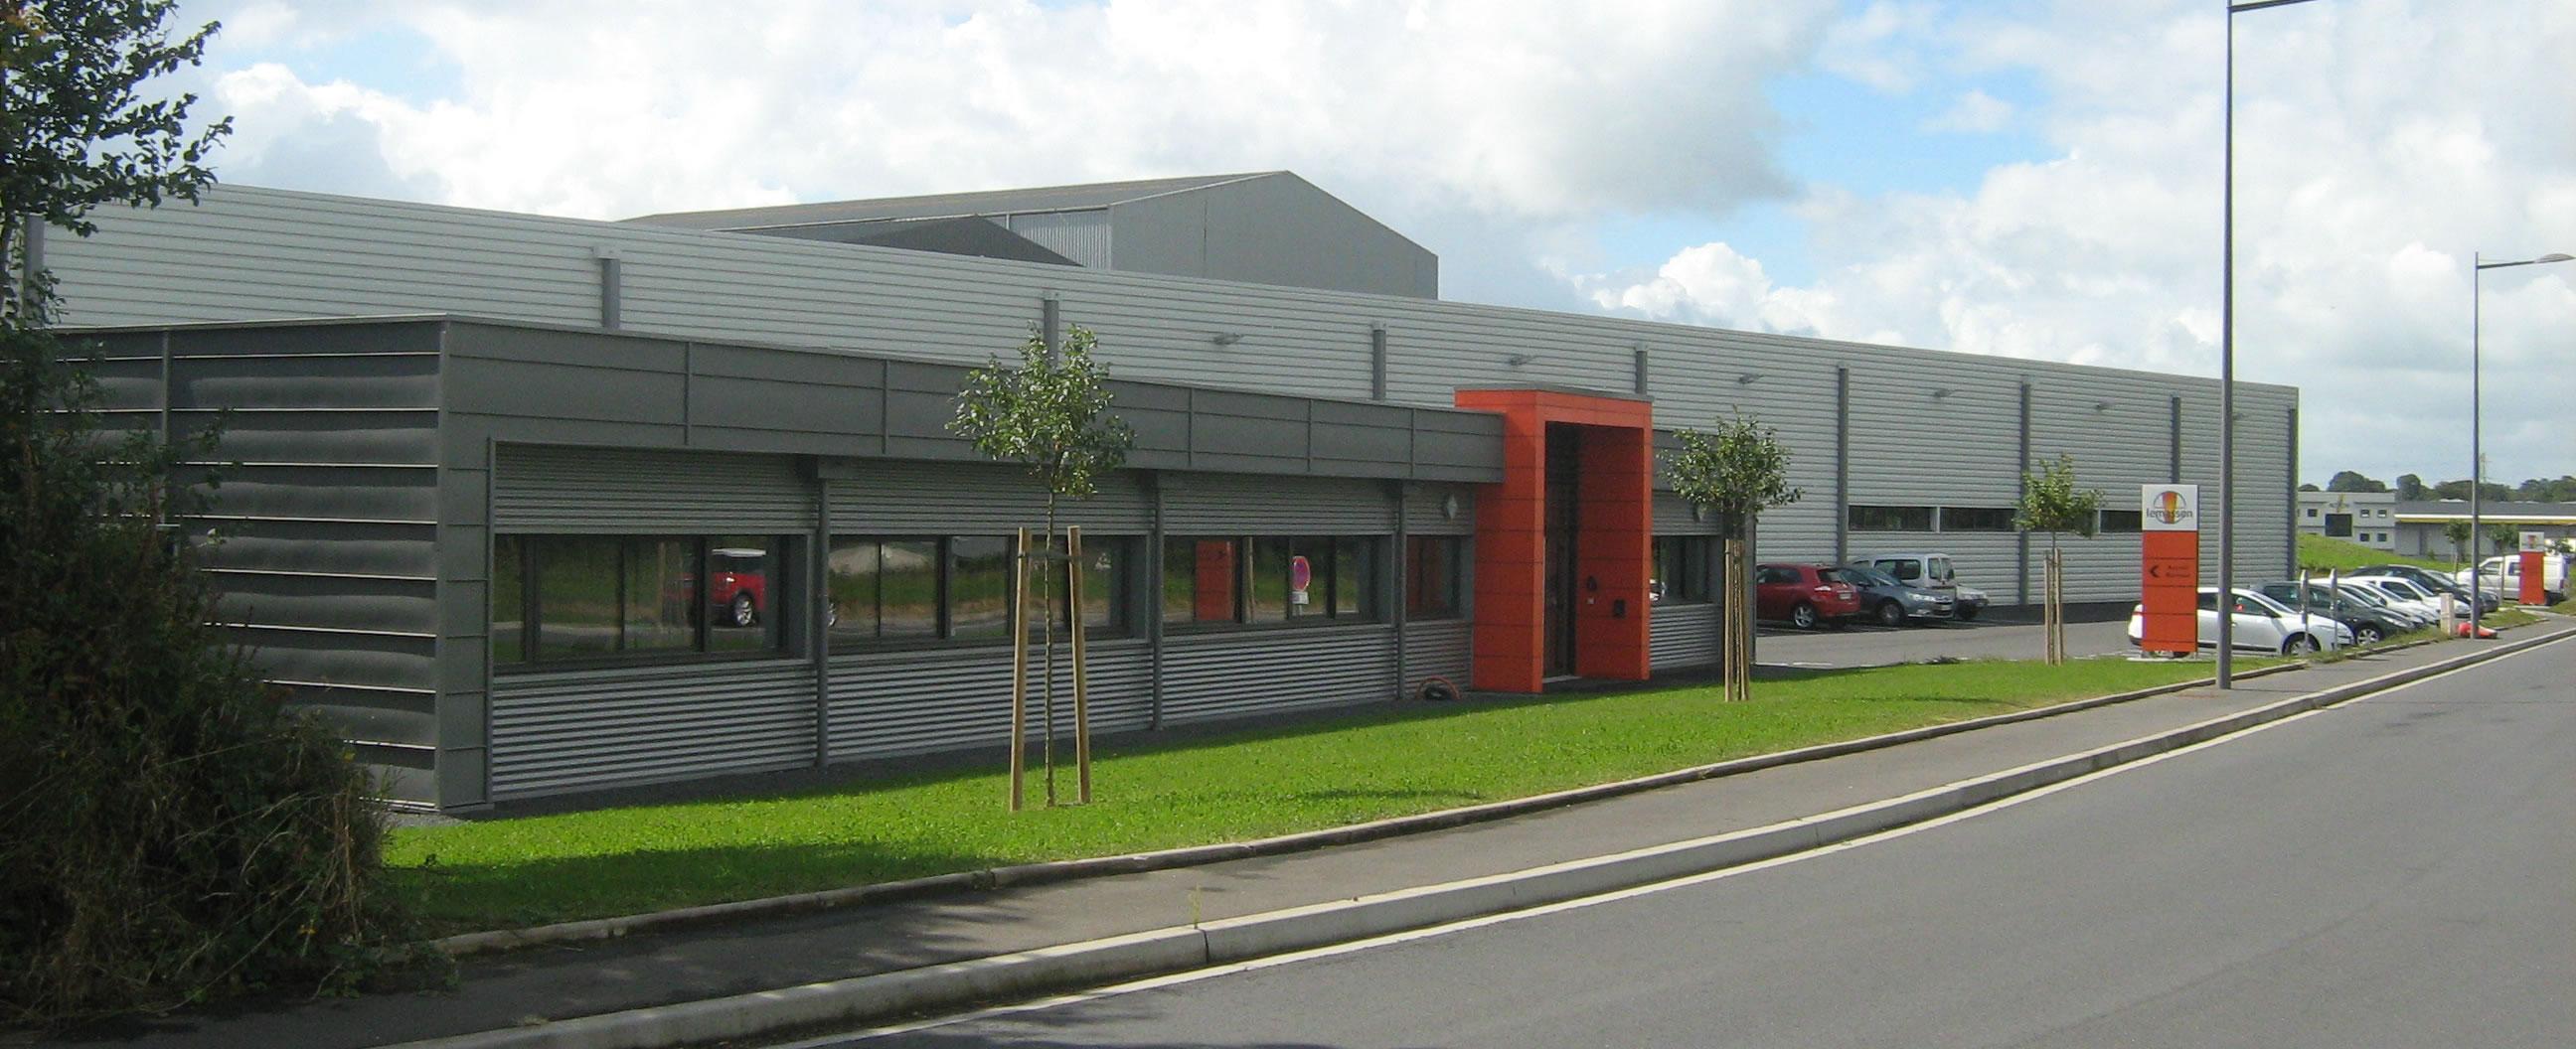 Produktionsstätte in Agneaux im Departement La Manche (Frankreich)